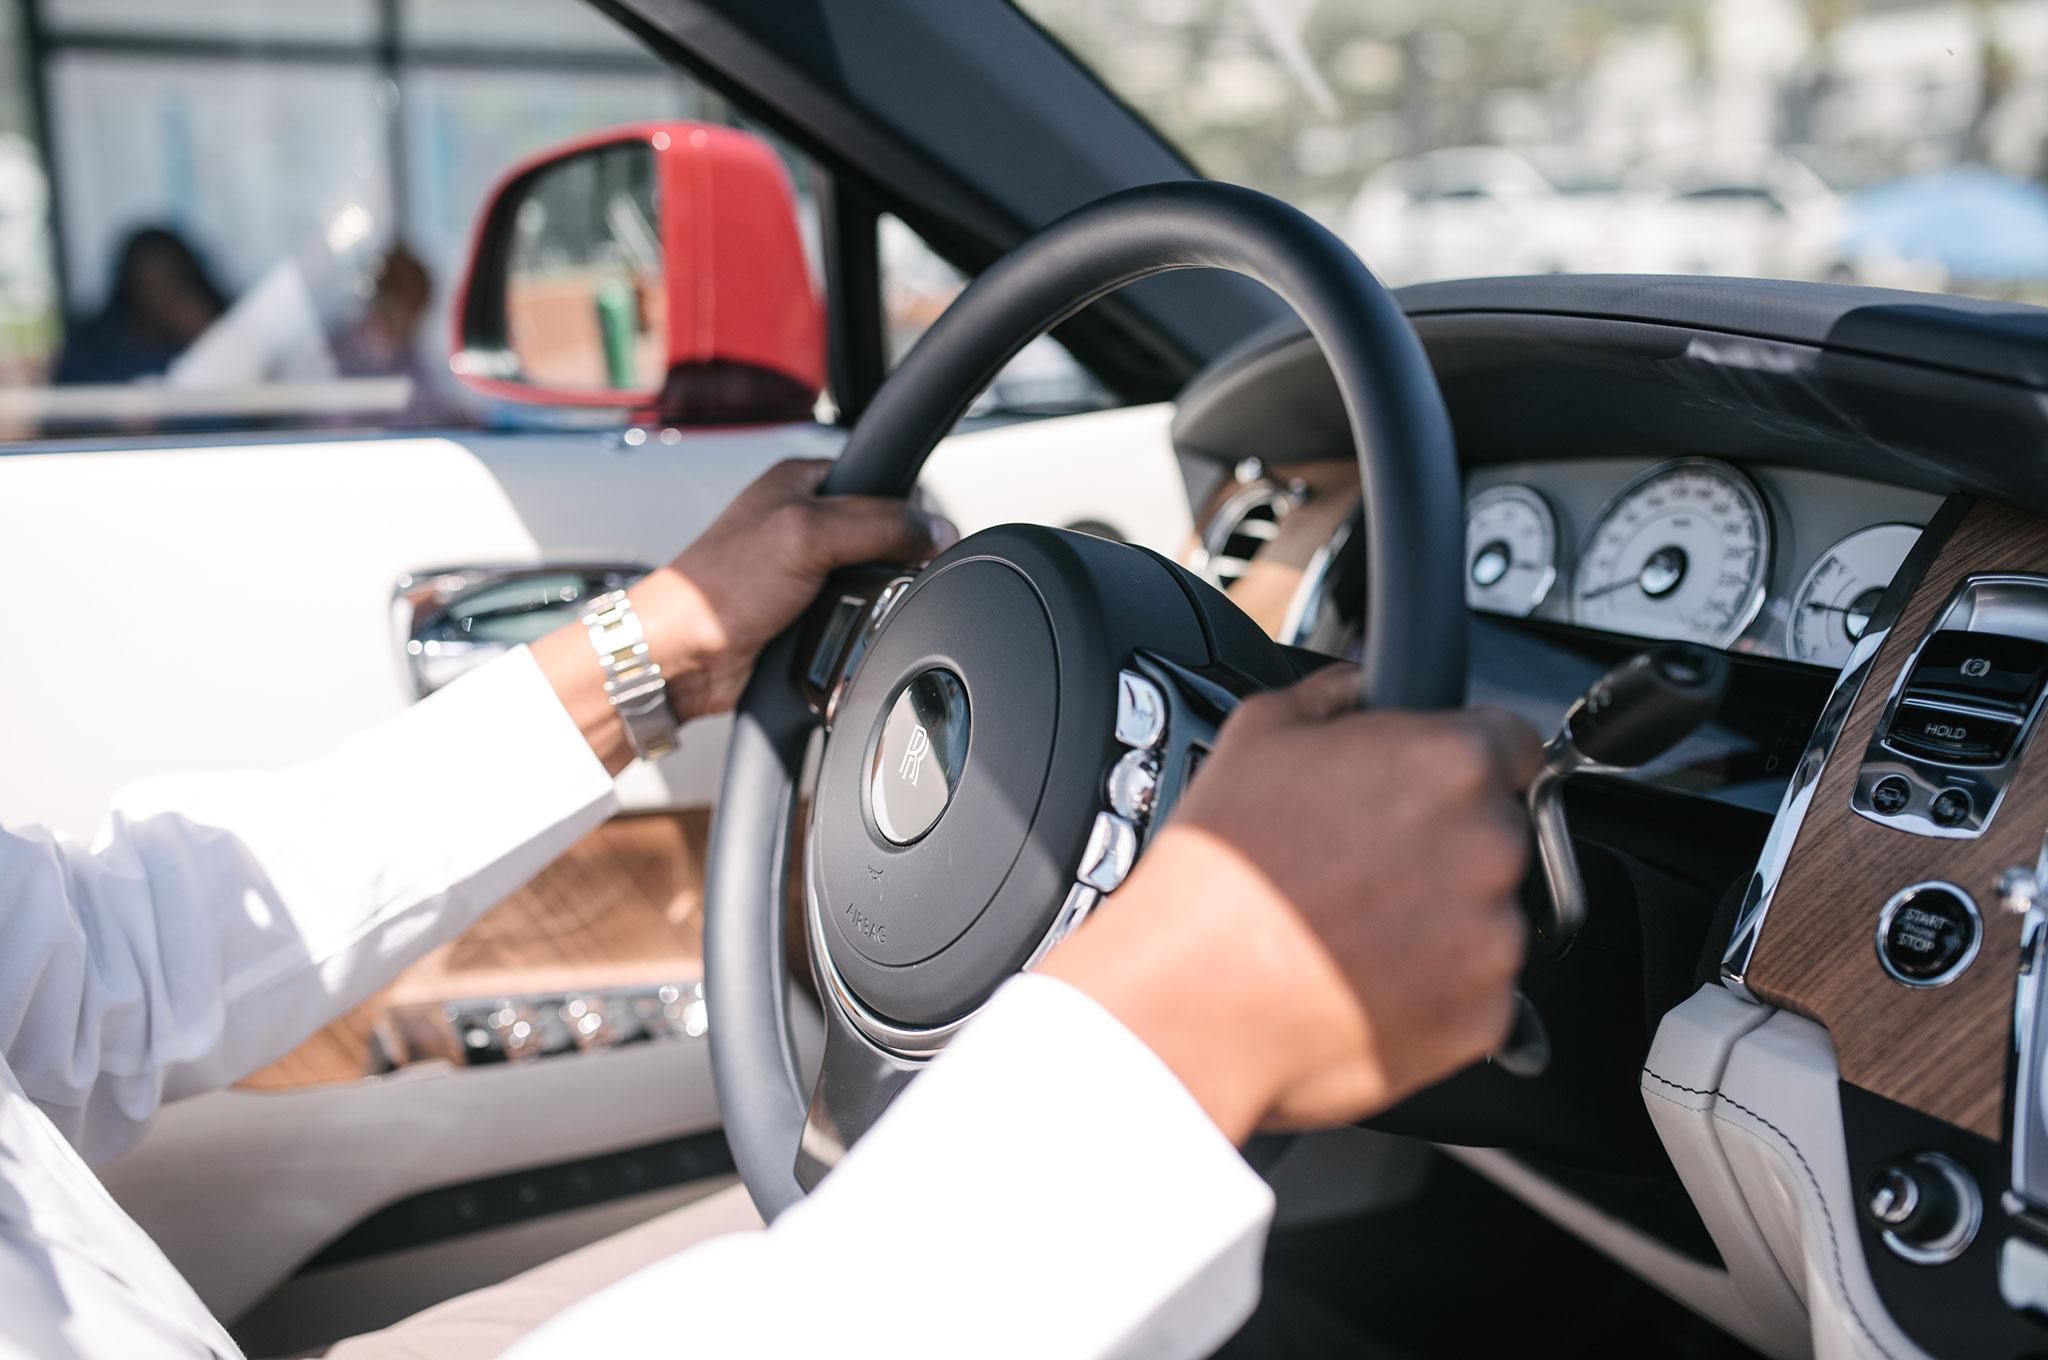 2016-Rolls-Royce-Dawn-steering-wheel.jpg